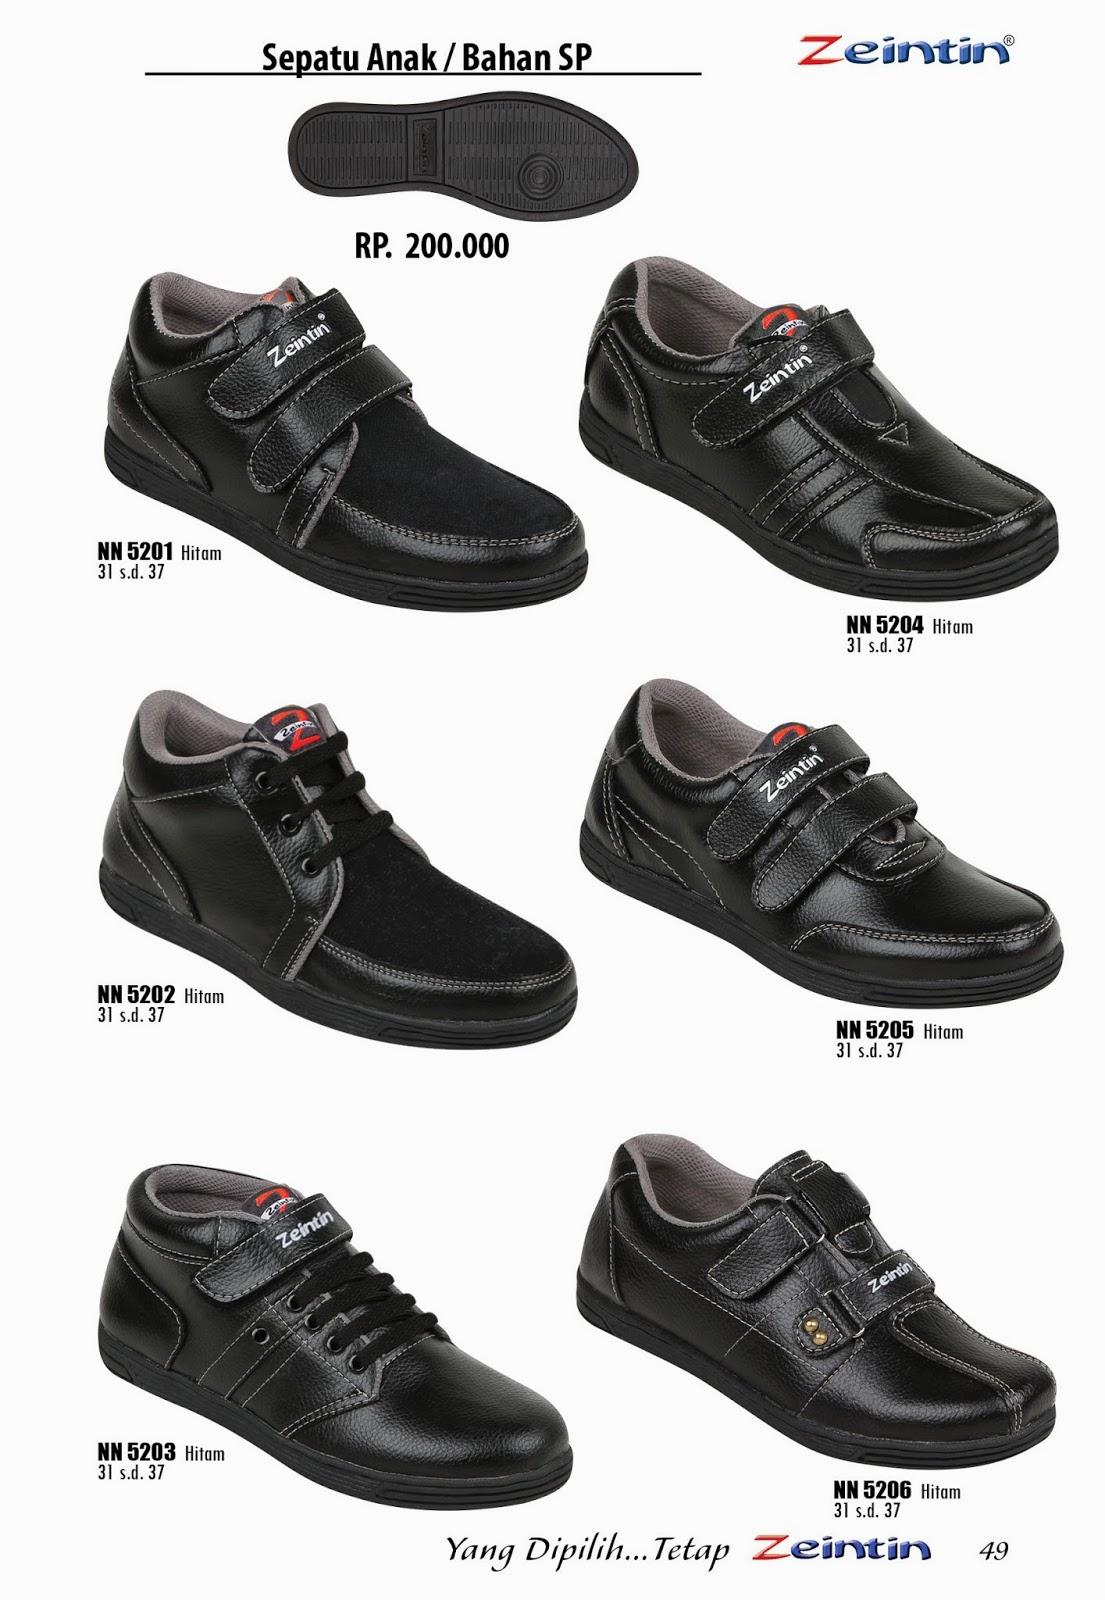 Sepatu Anak Zeintin Katalog Edisi Brilian 11